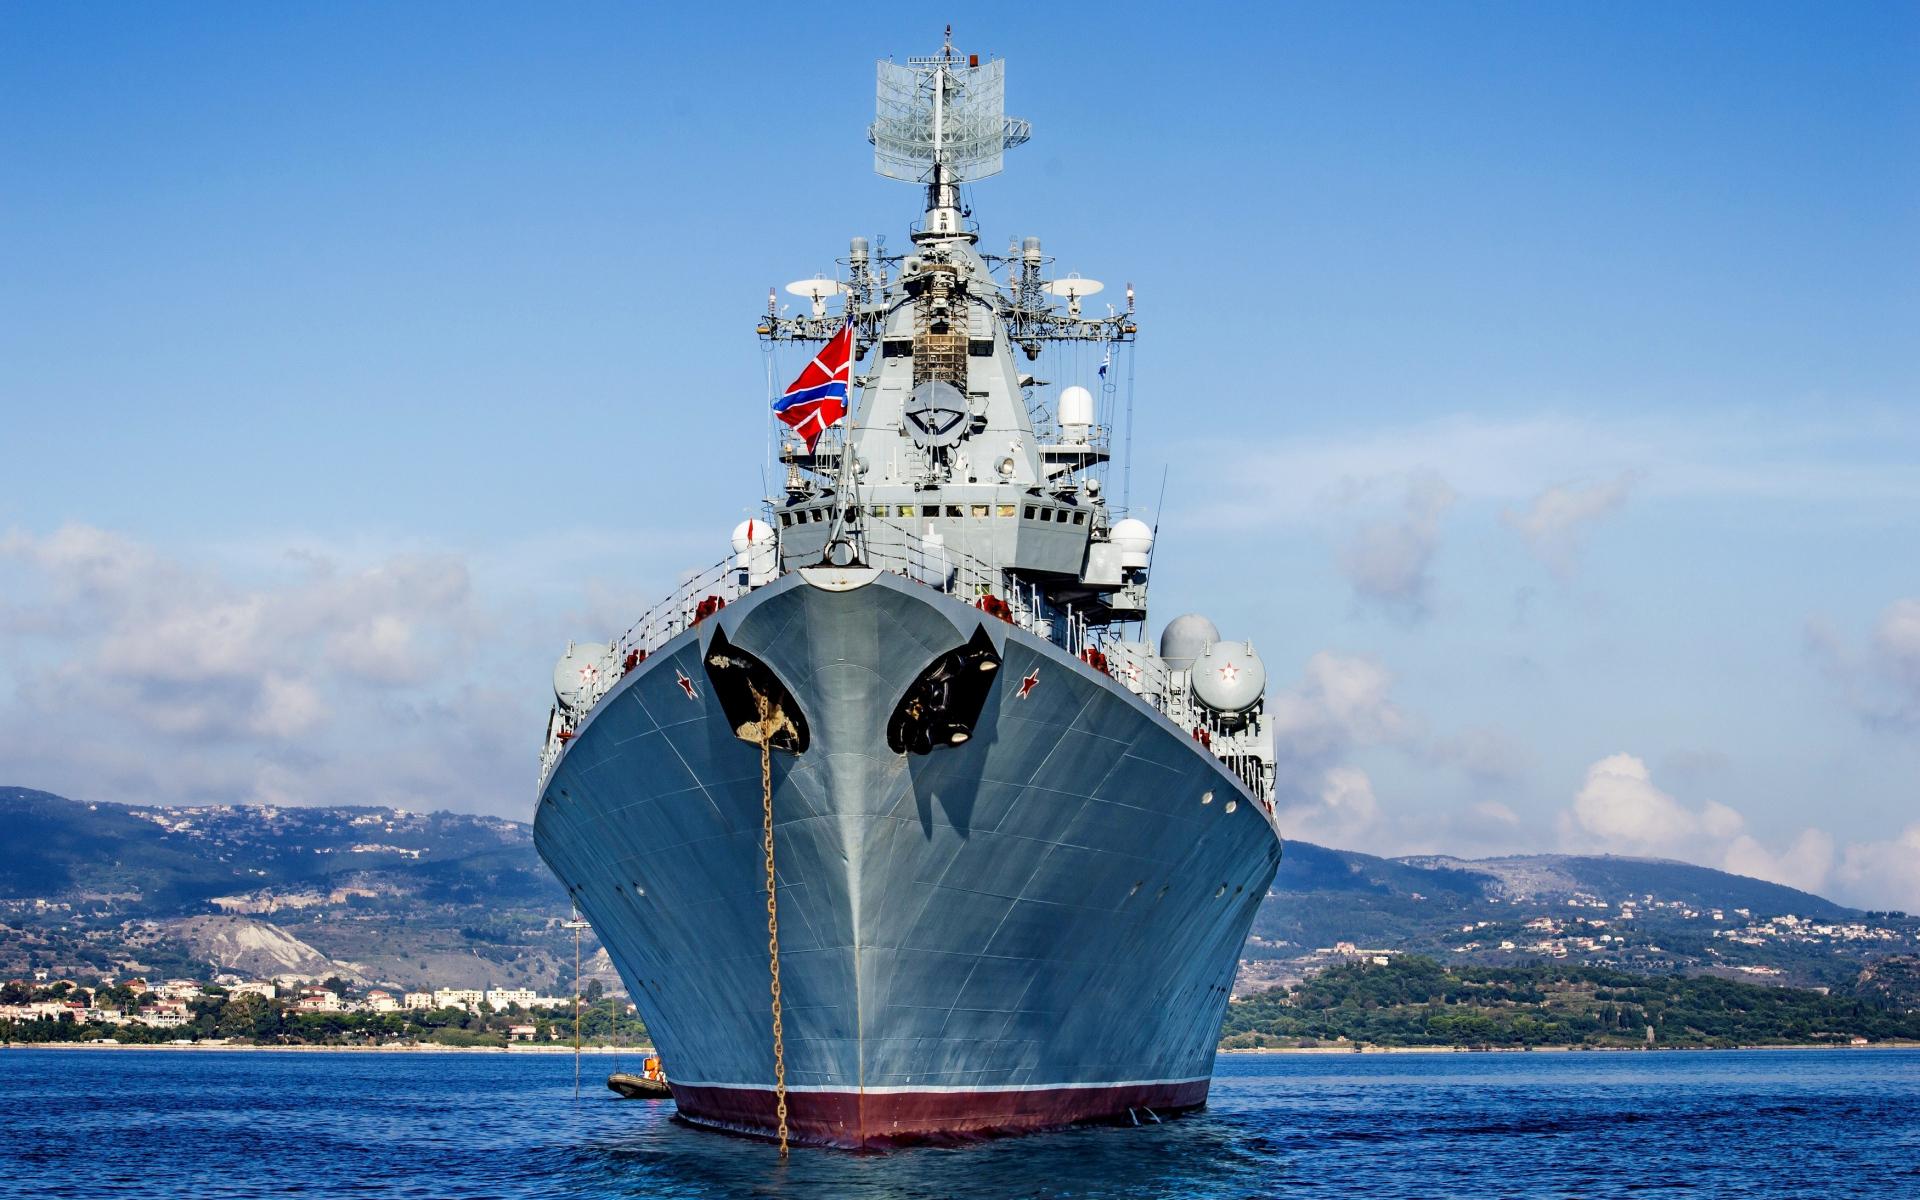 древних времён картинка классный военный корабль именно это